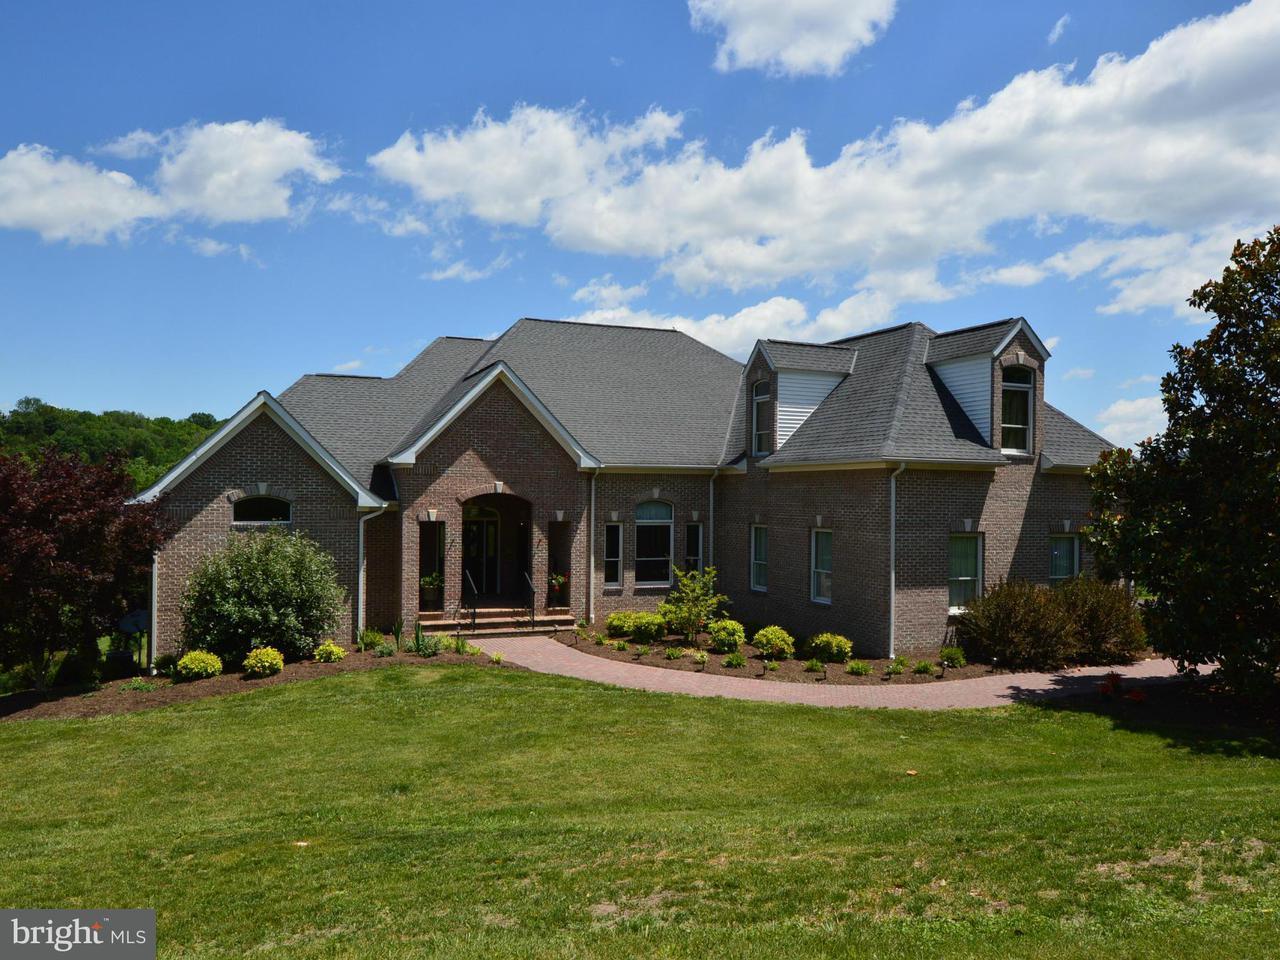 一戸建て のために 売買 アット 398 CLIFFSIDE Drive 398 CLIFFSIDE Drive Edinburg, バージニア 22824 アメリカ合衆国